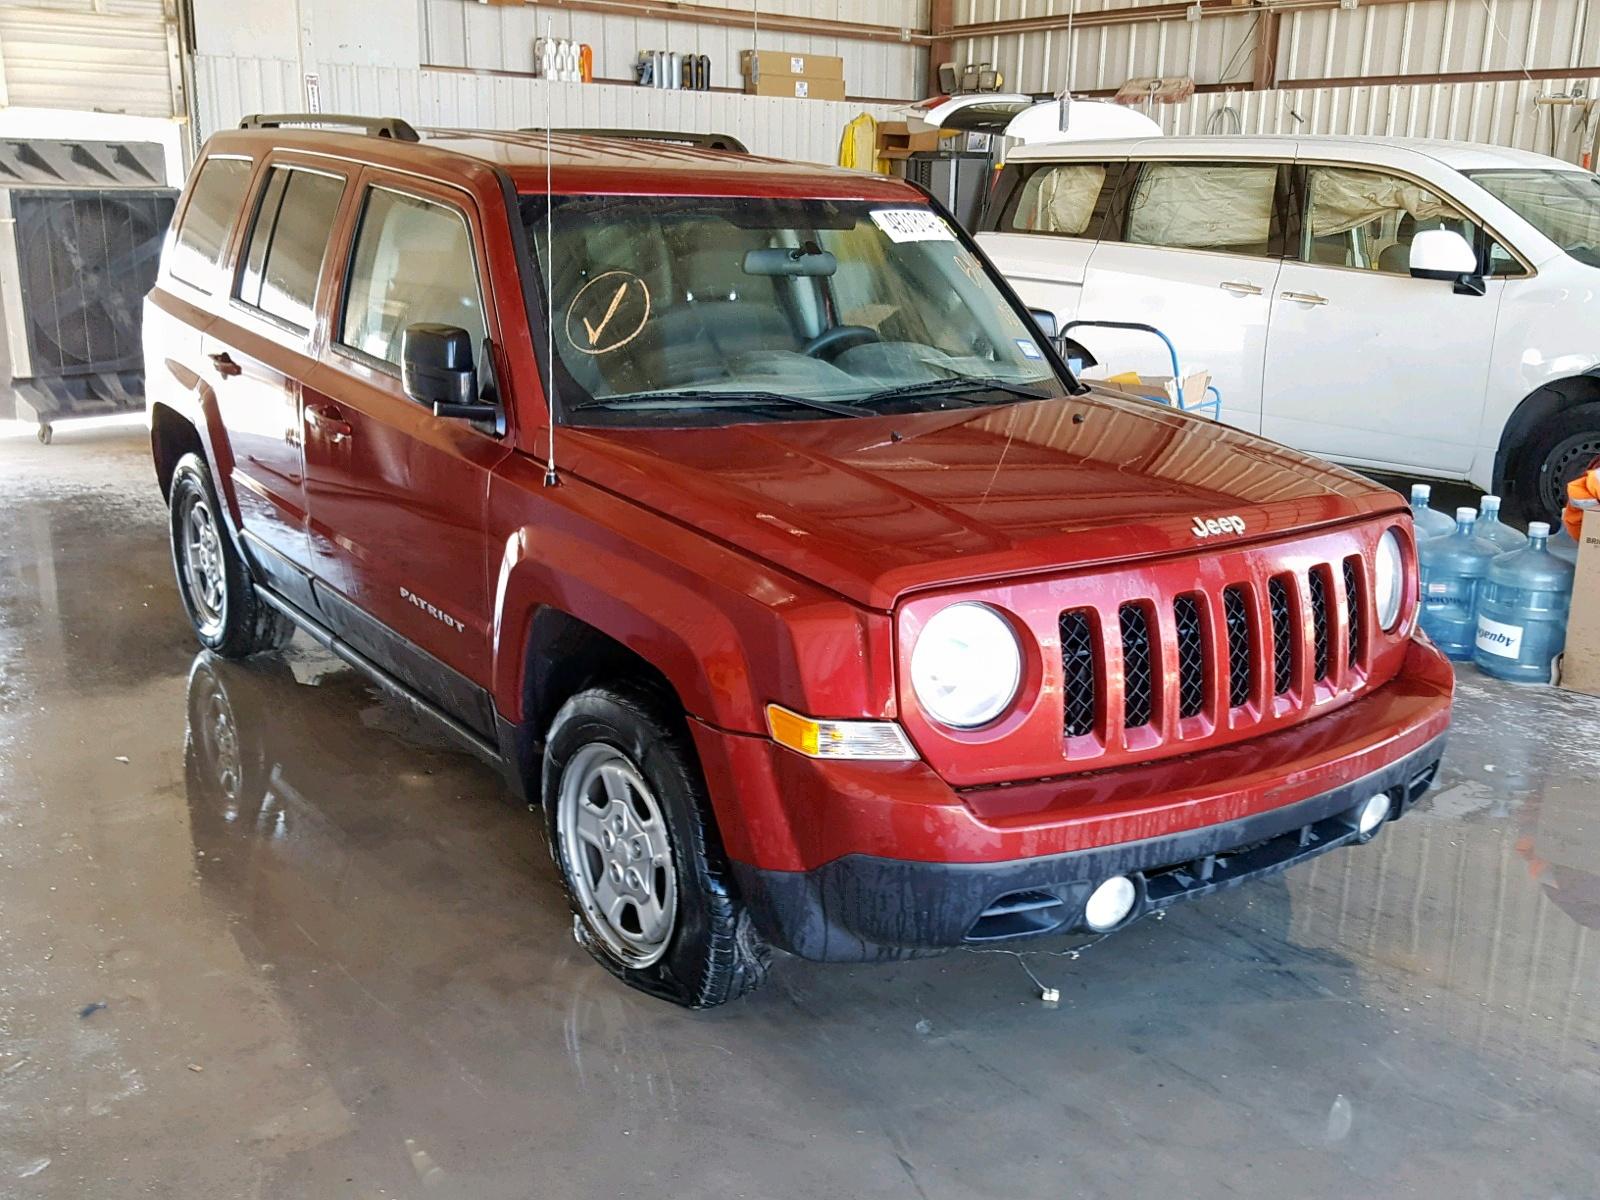 1C4NJPBA8DD272697 - 2013 Jeep Patriot Sp 2.0L Left View